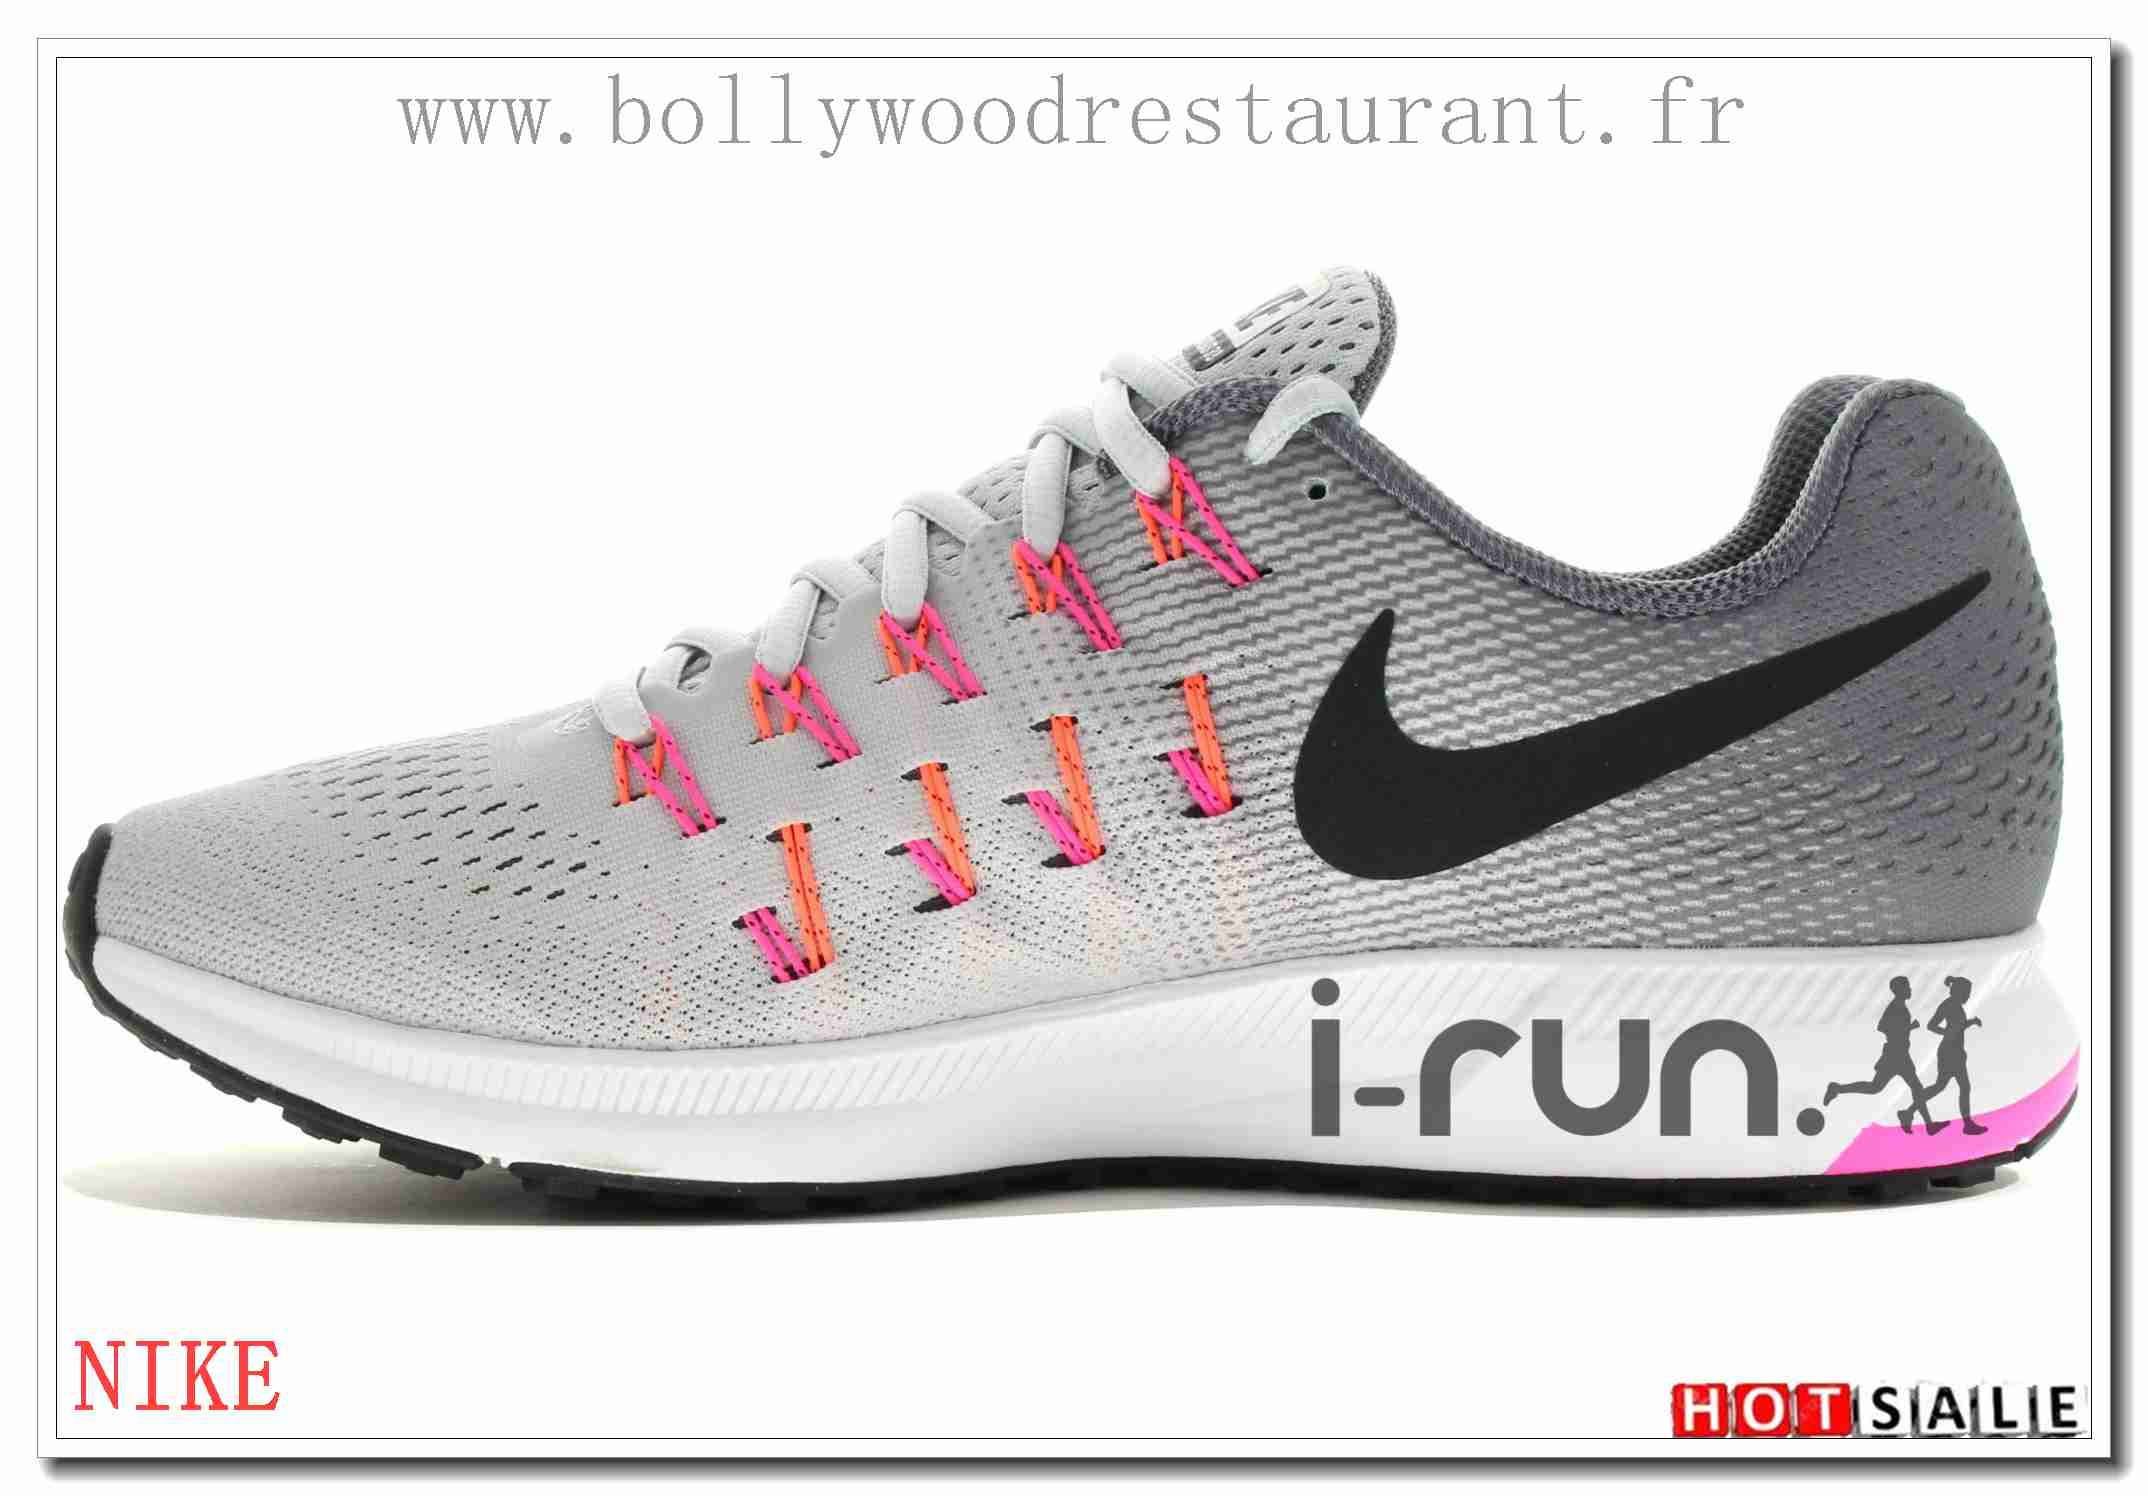 detailed look 853bc fe296 CA3230 La Qualité 2018 Nouveau style Nike Air Zoom Pegasus 33 - Femme  Chaussures - Soldes